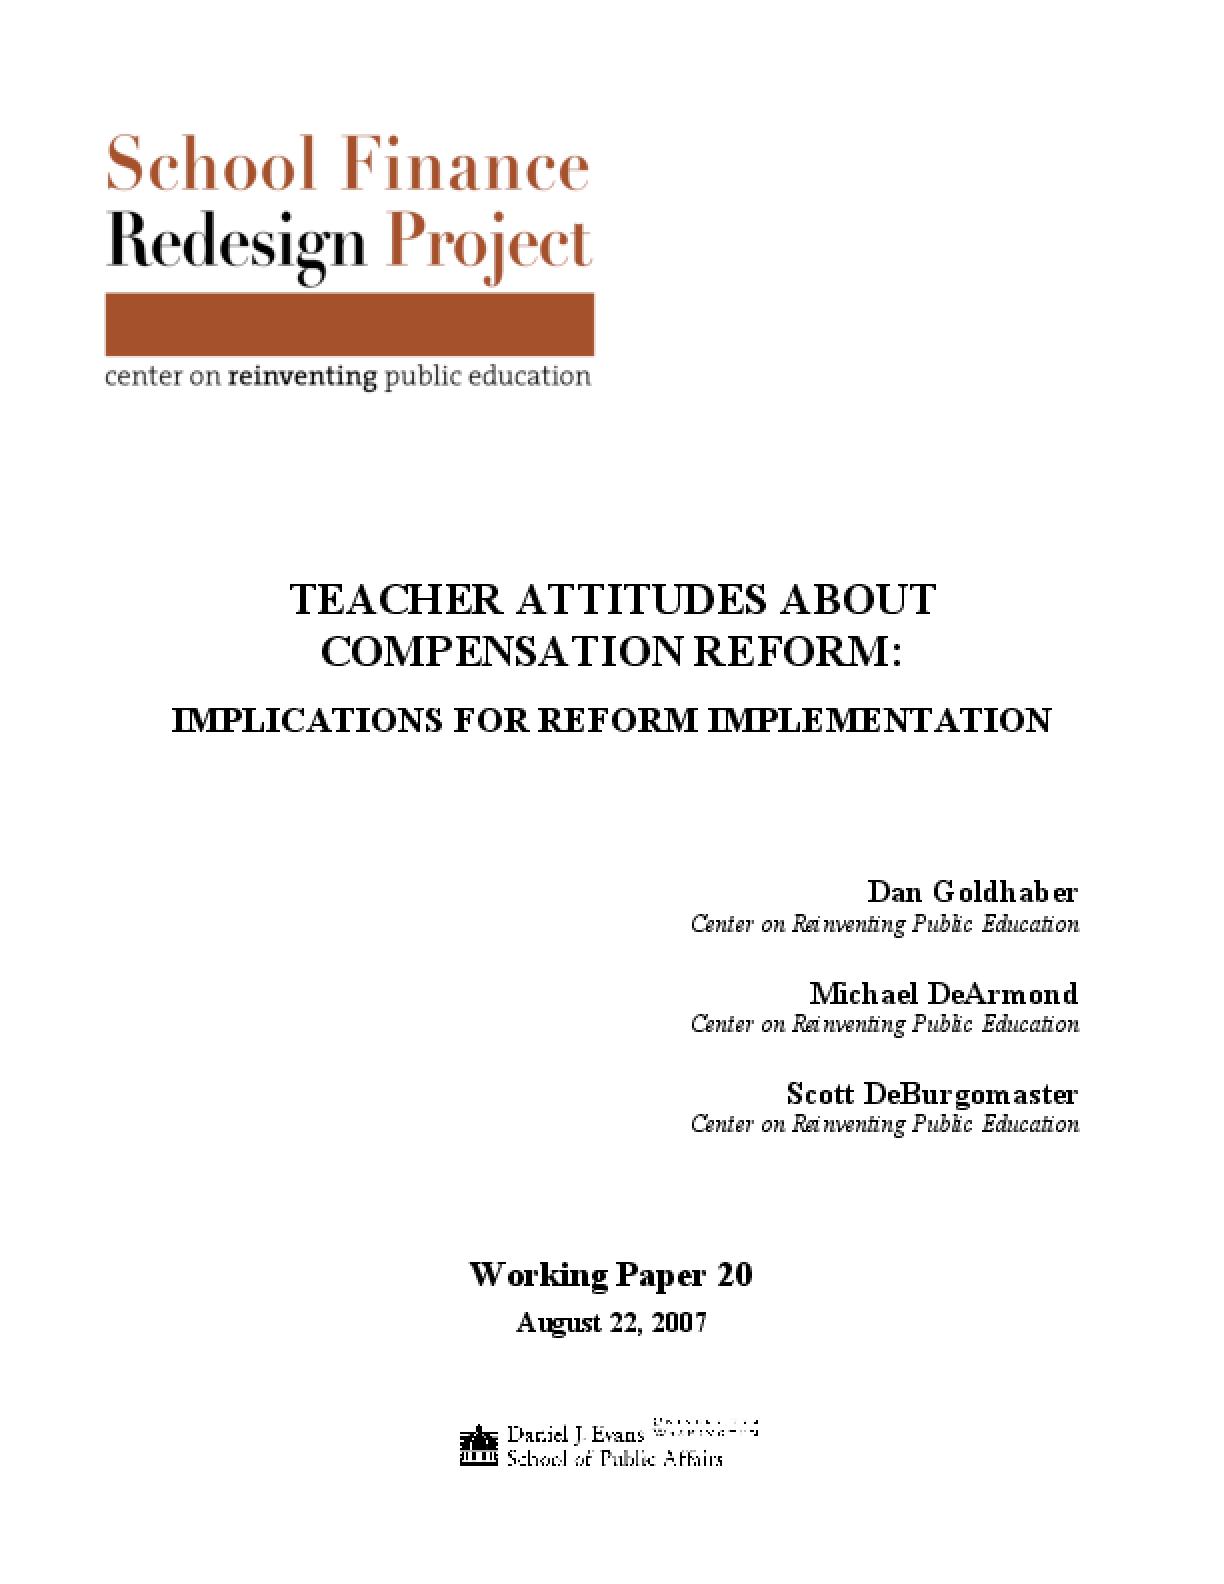 Teacher Attitudes About Compensation Reform: Implications for Reform Implementation 2007